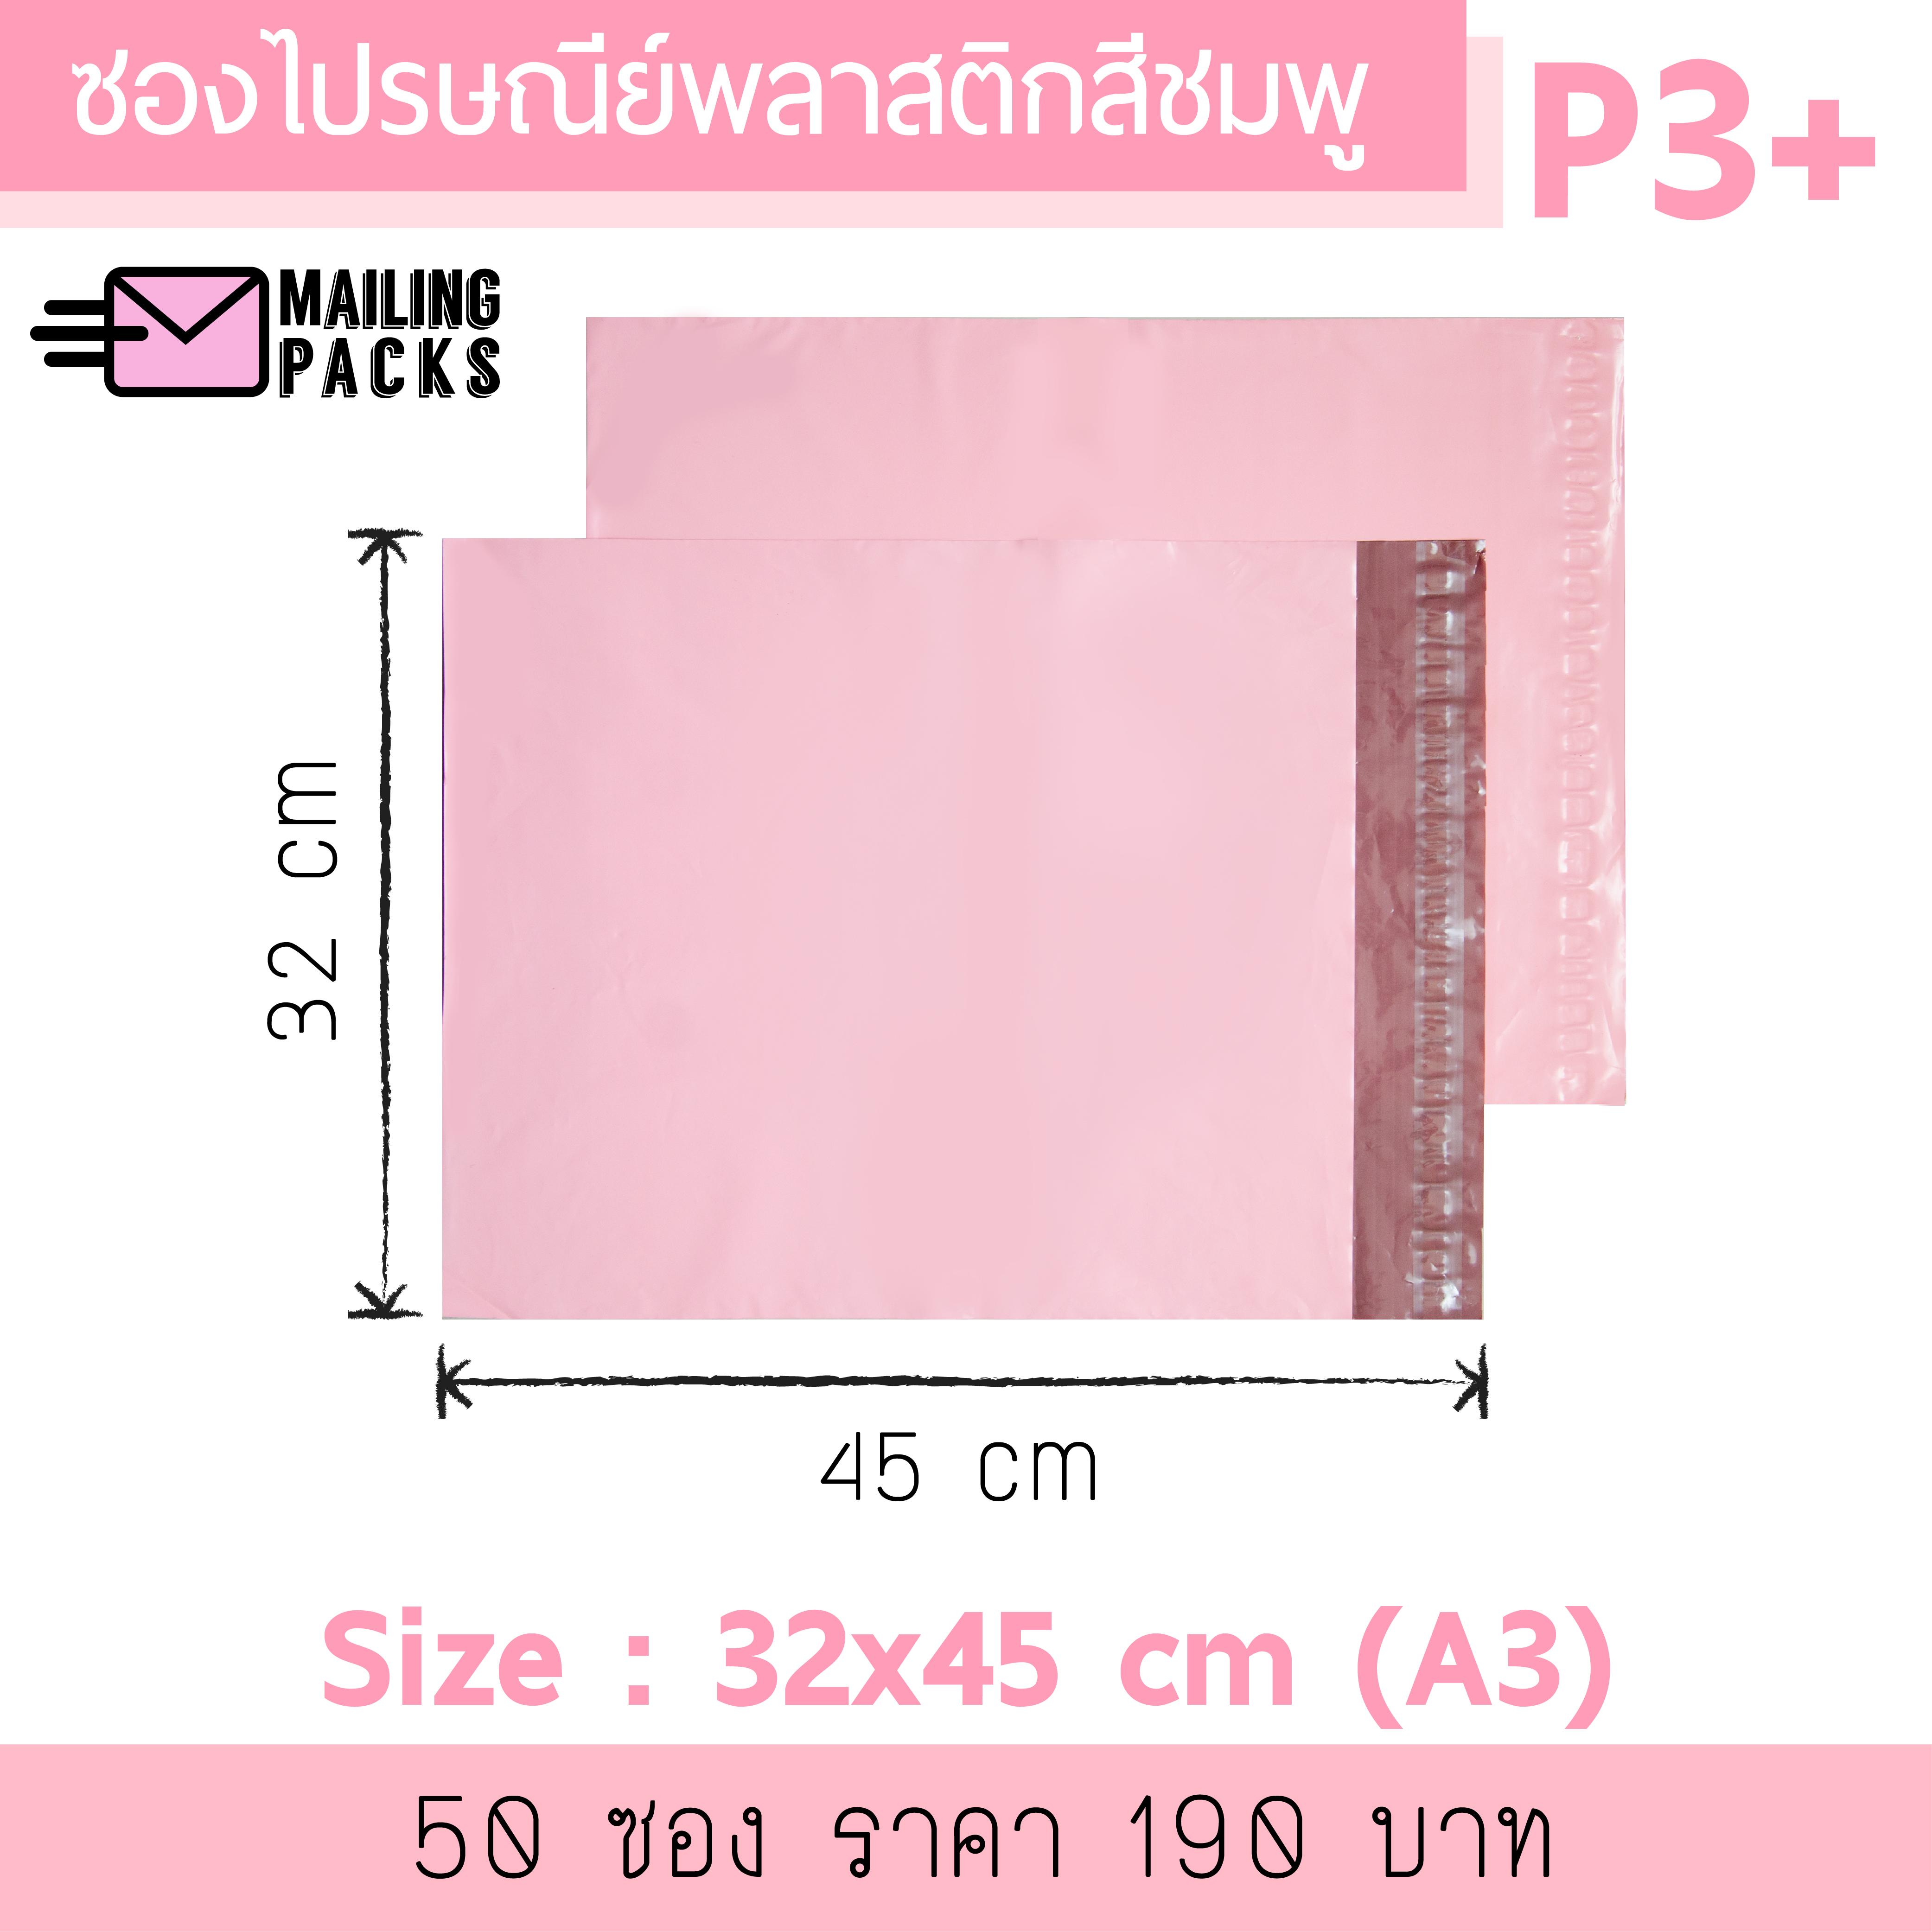 ซองไปรษณีย์พลาสติก สีชมพูพาสเทล P3+ : 32x45 cm. ( 50 ซอง)